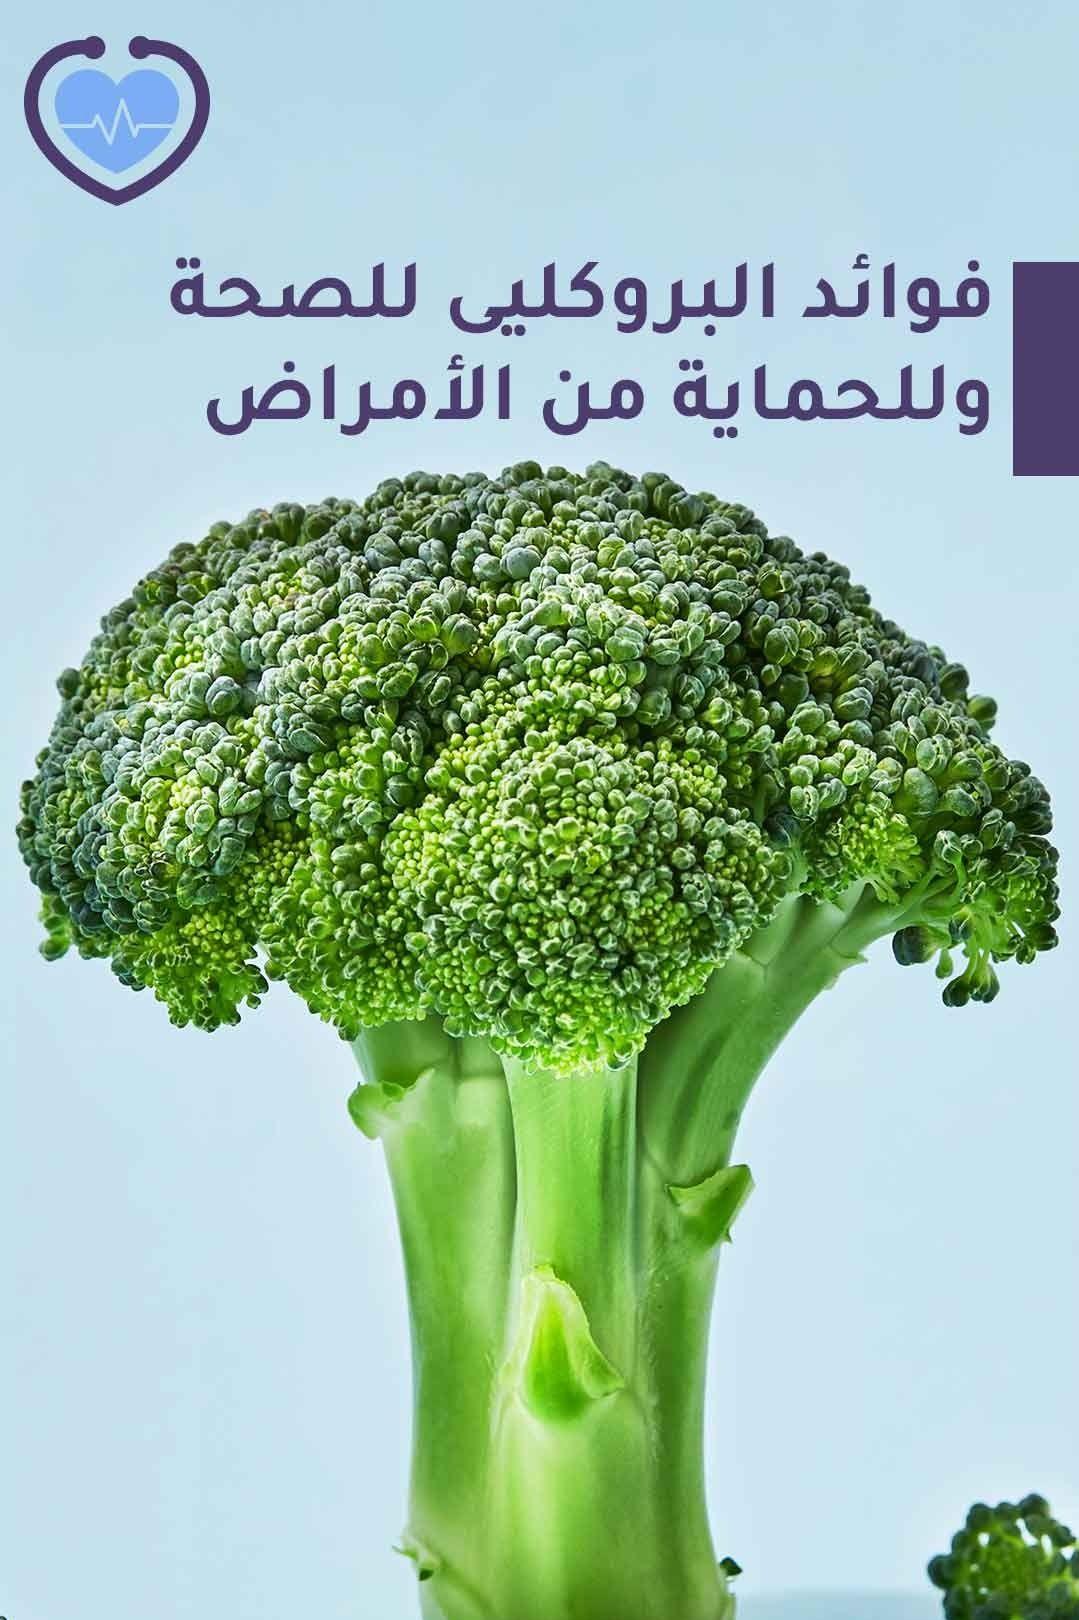 سواء اختلفت مع أو اتفقت على تناوله فالبروكلي من الخضروات المليئة بالعديد من الفوائد بل ومن أكثرها فائدة لصحة الإنسان على الإطلاق In 2021 Vegetables Broccoli Health